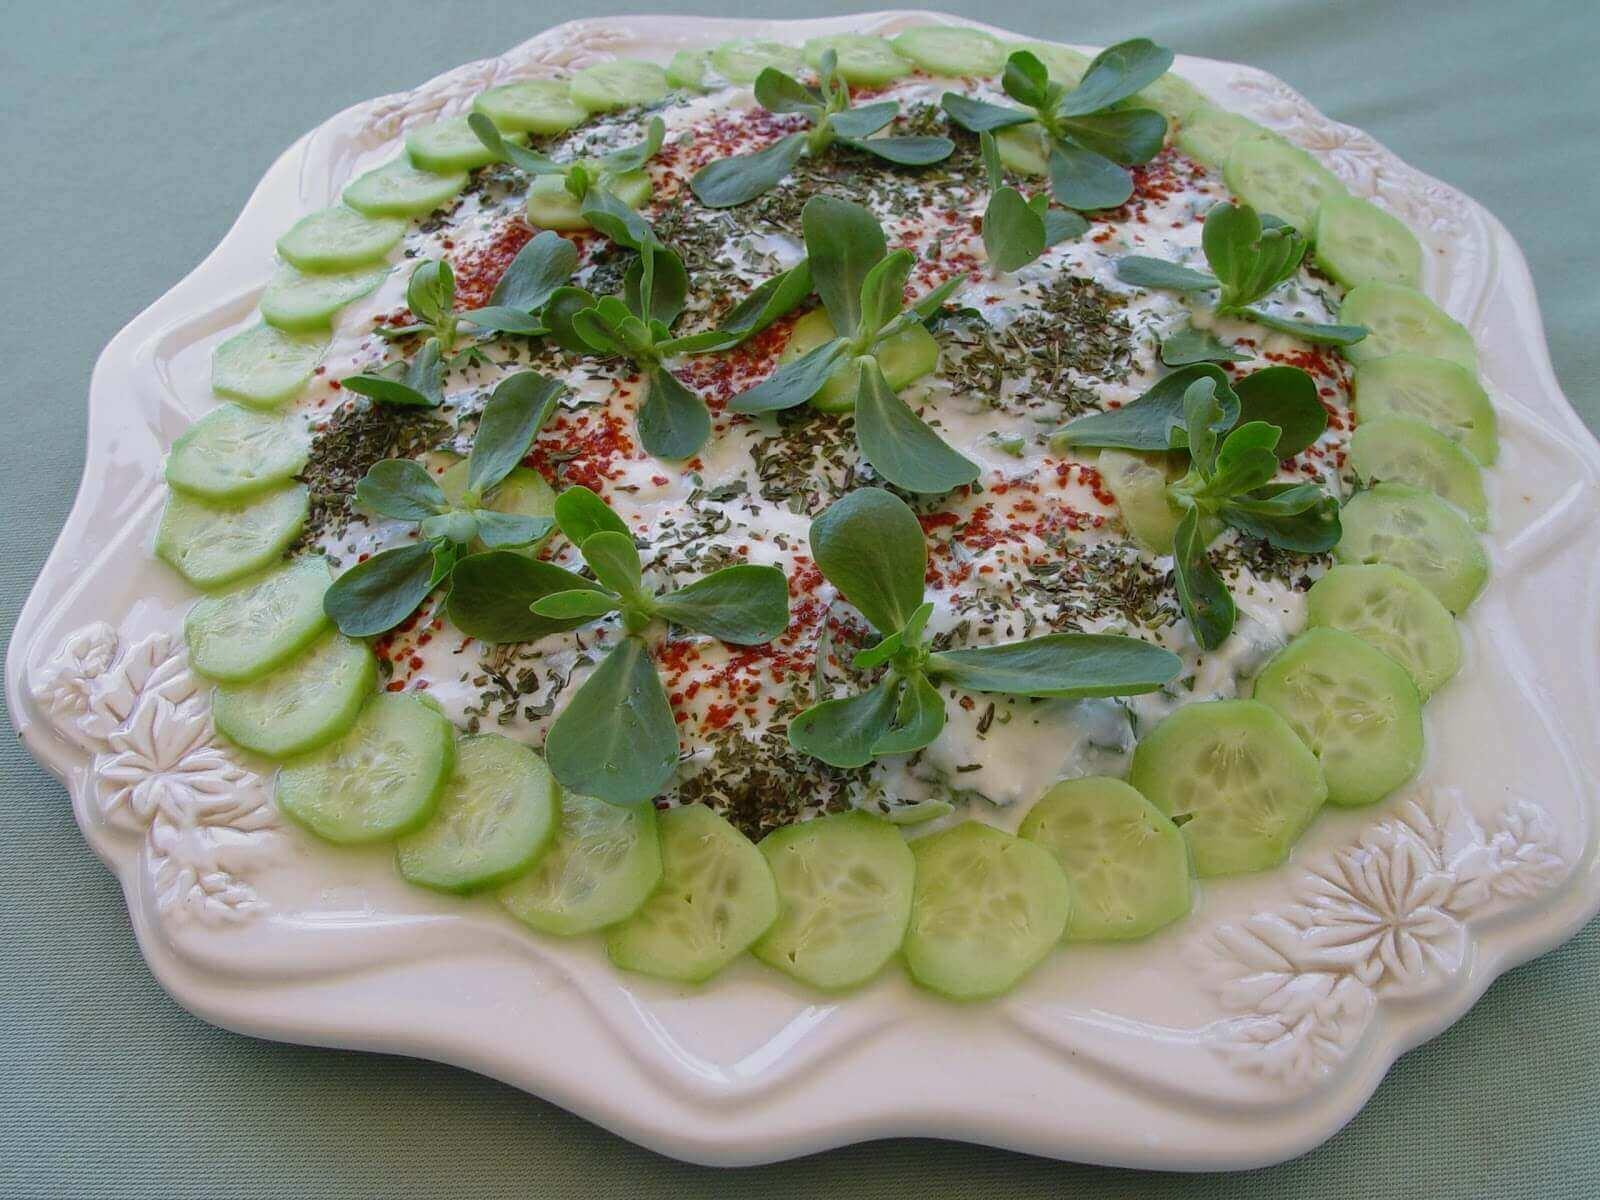 Feldsalat mit Joghurt - Yoğurtlu Semizotu Salatası